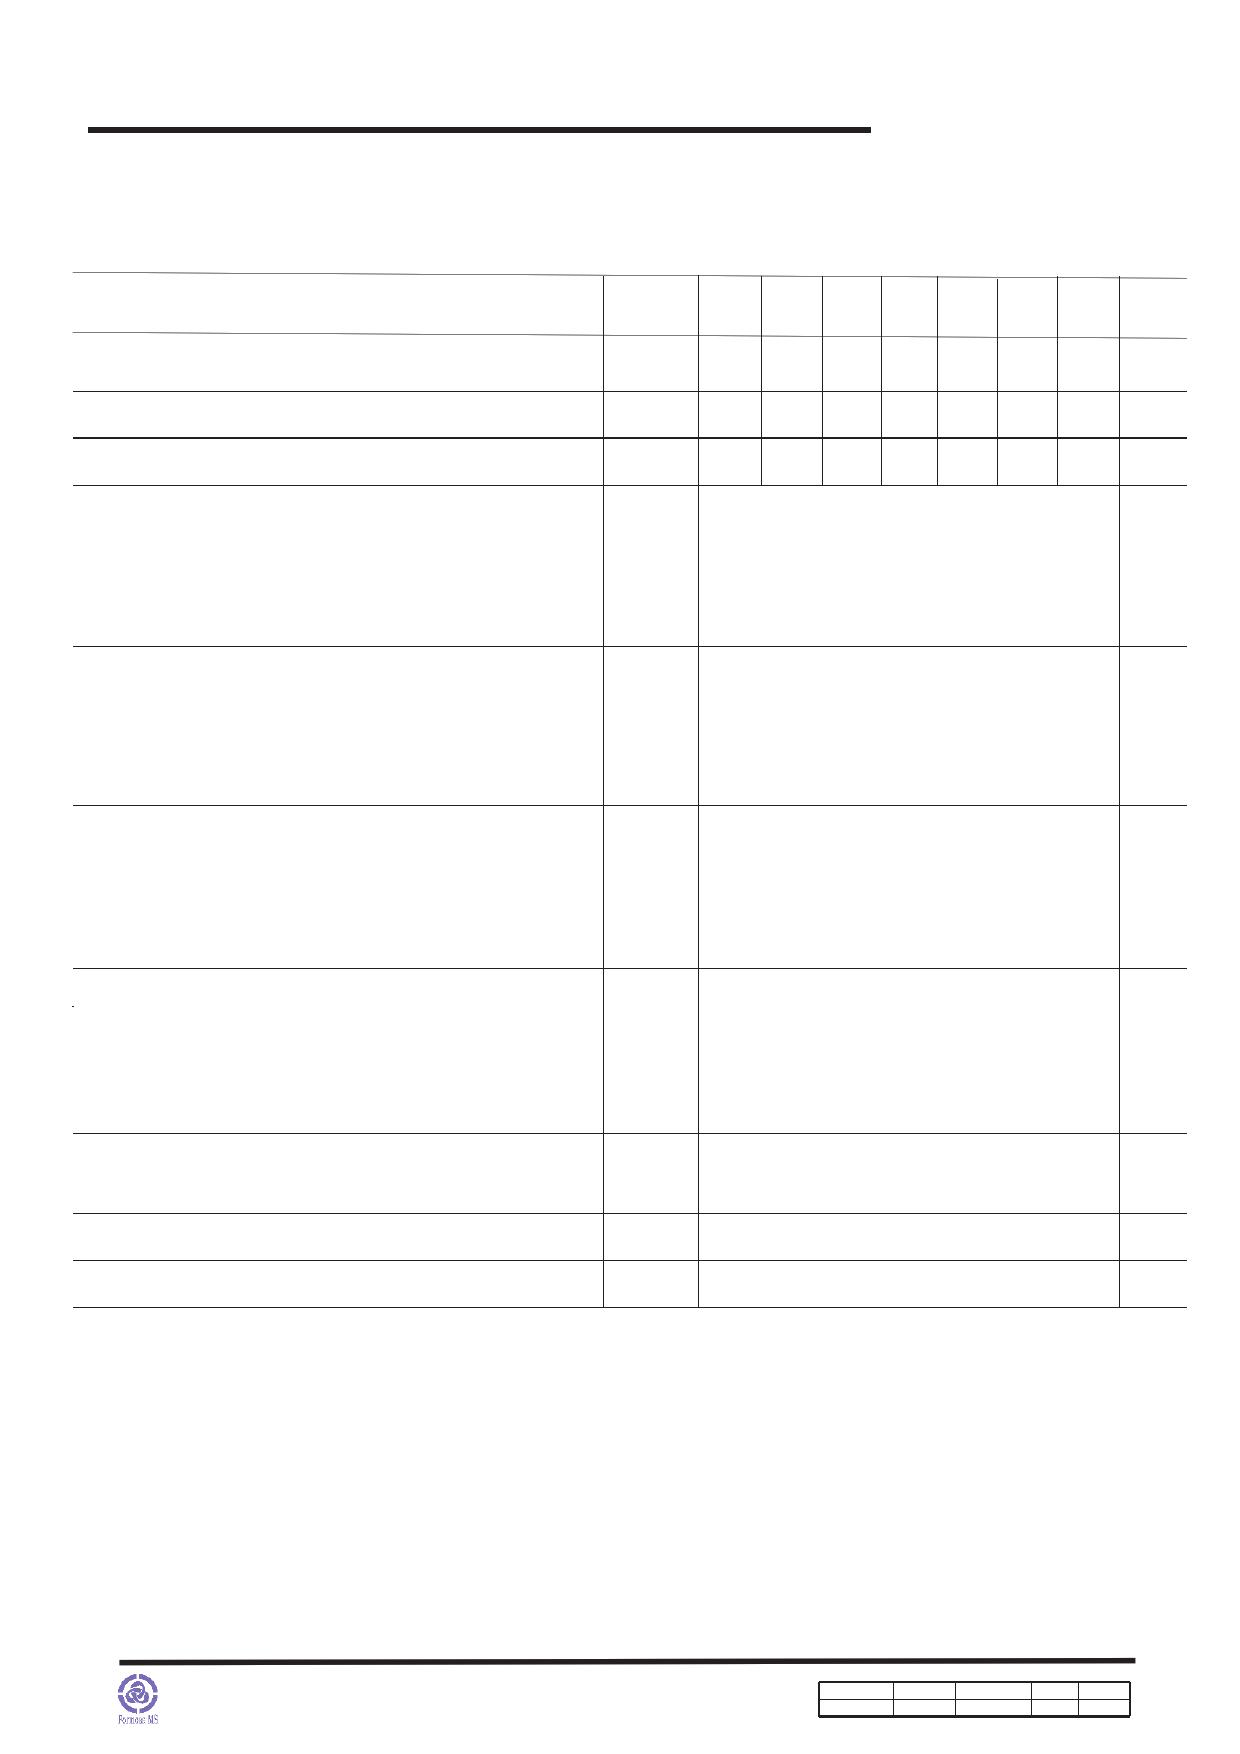 BR1000 pdf, ピン配列